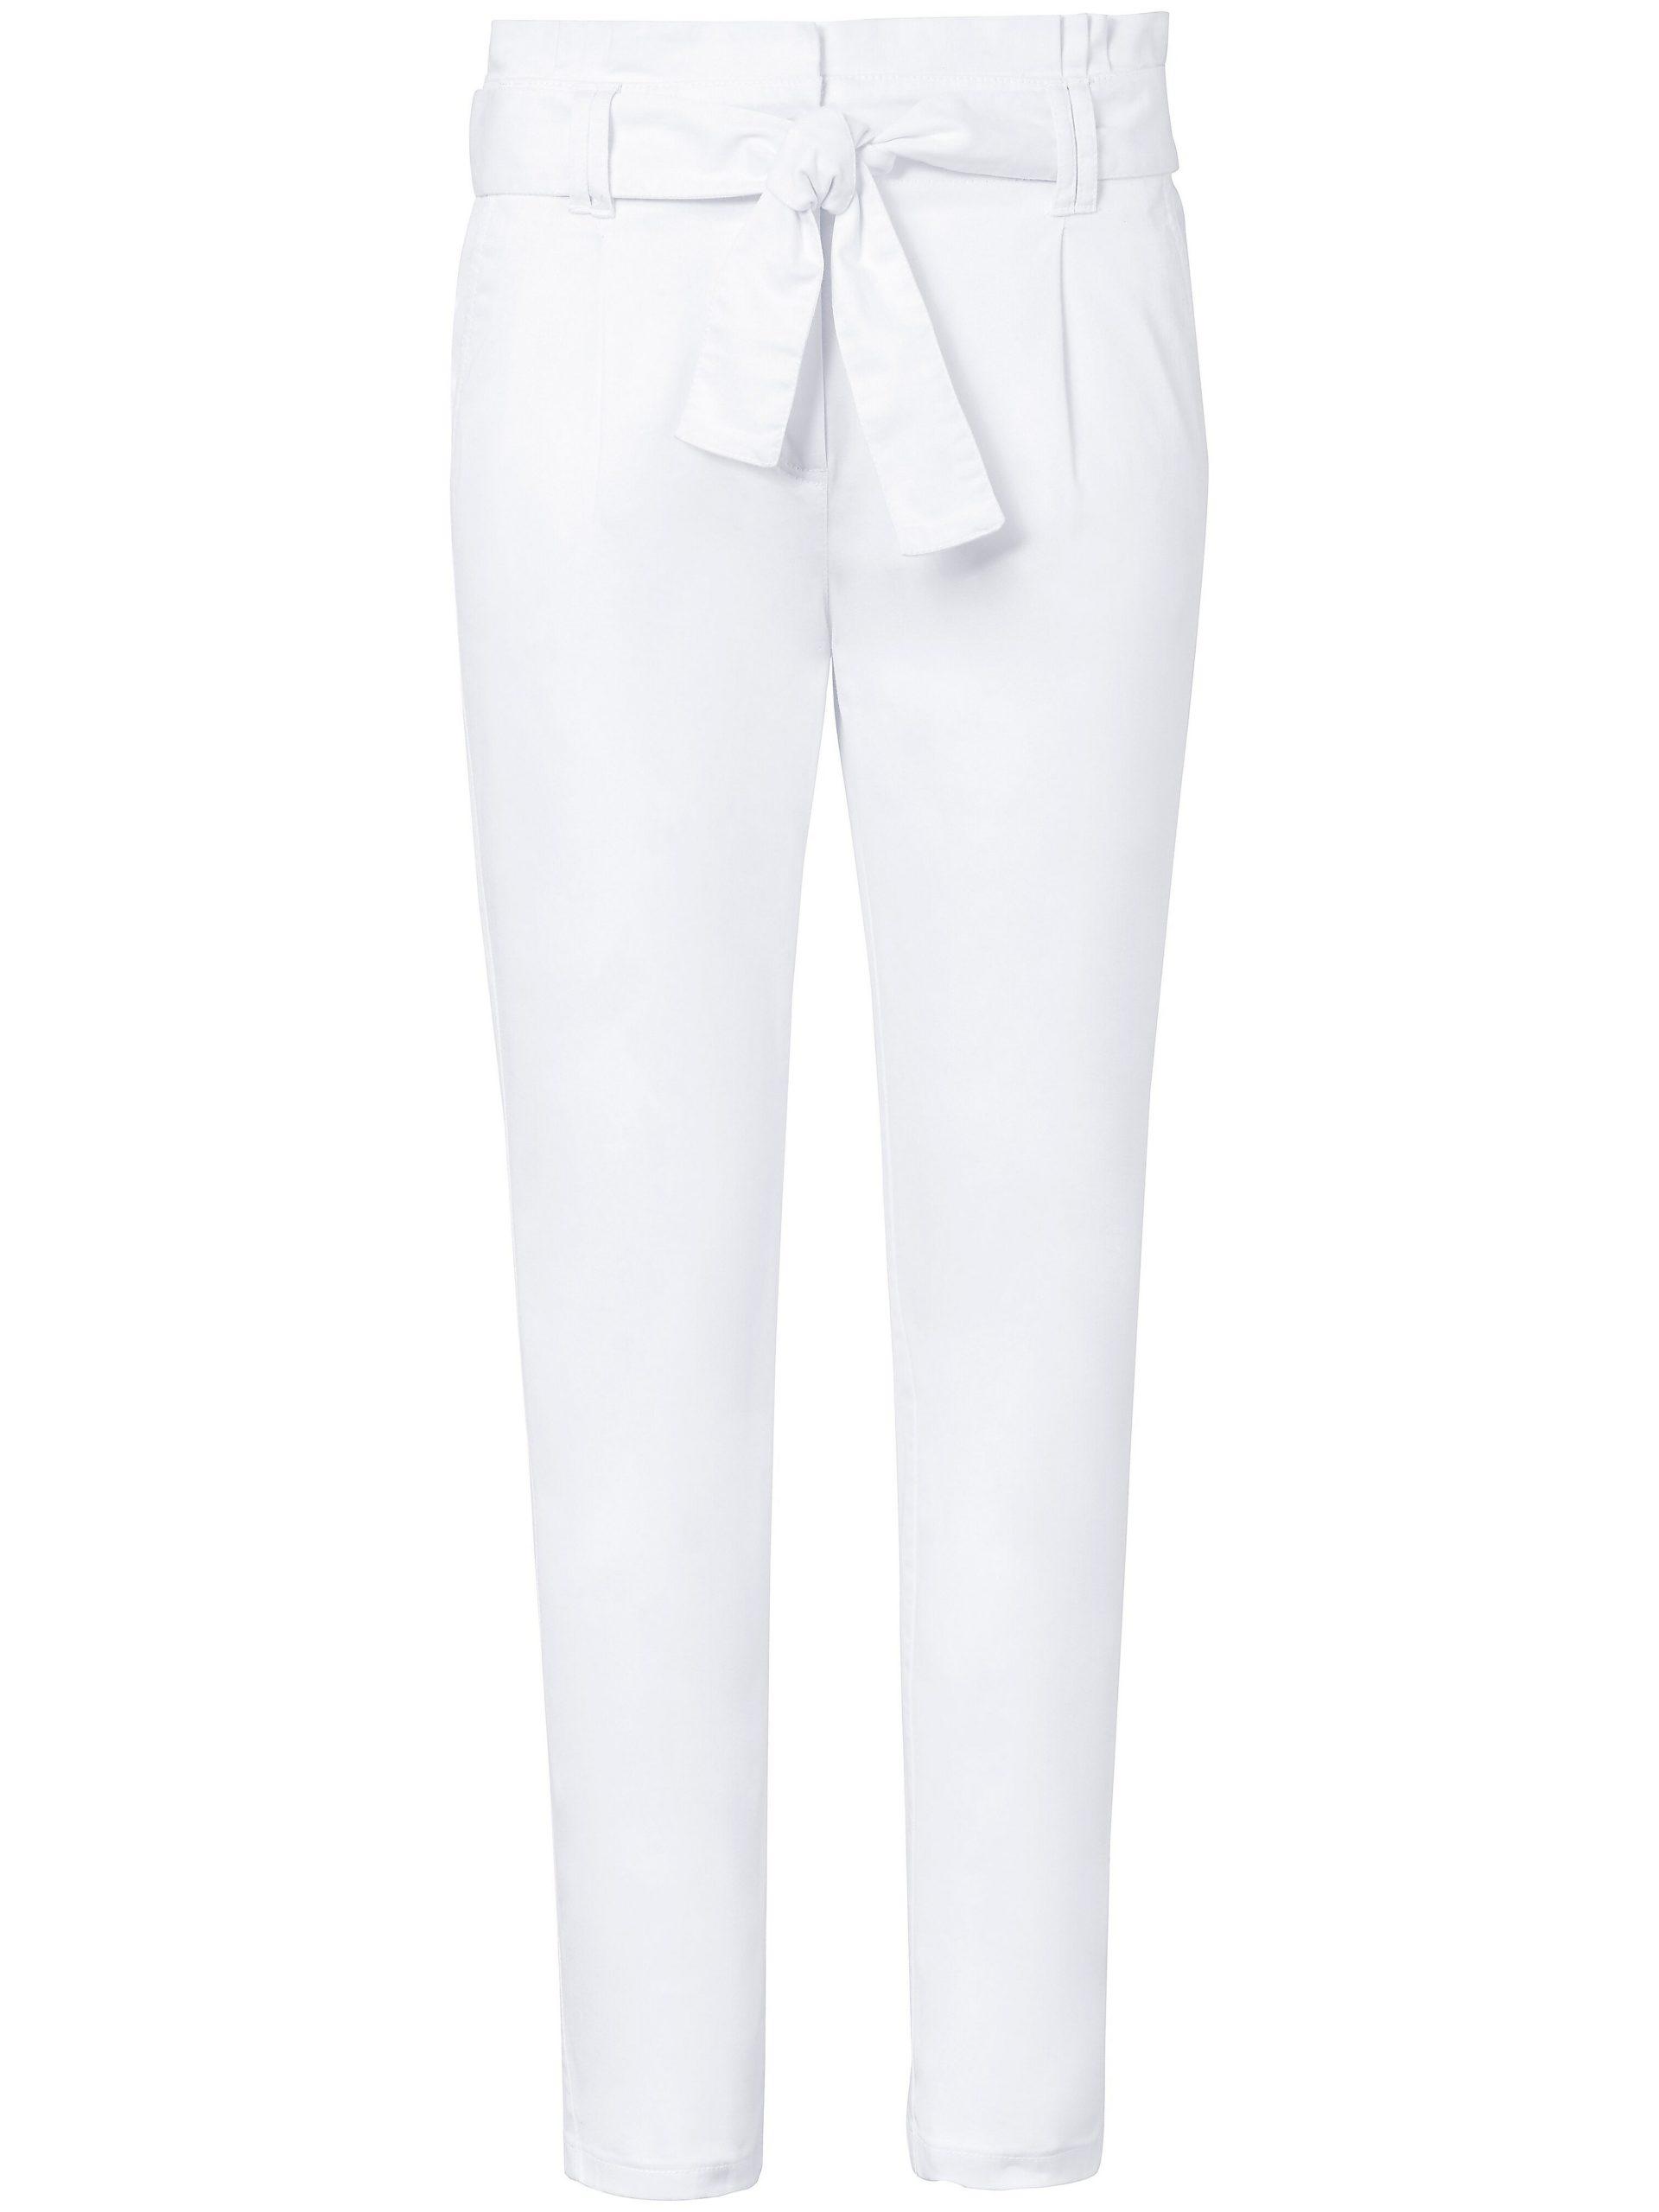 Enkellange broek pasvorm Barbara Van MYBC wit Kopen